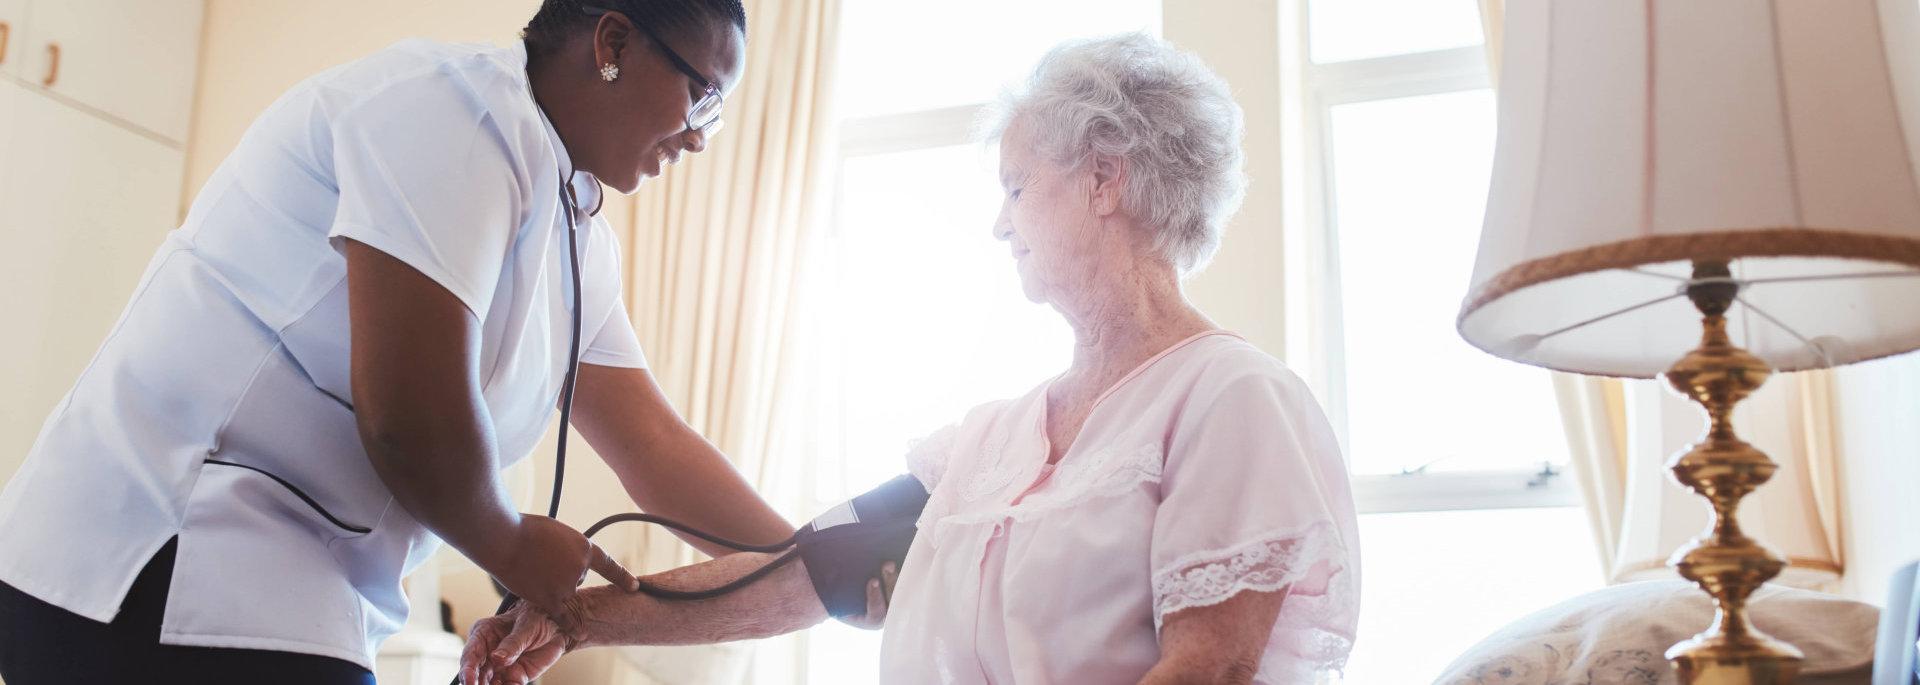 caretaker doing bp test on elder woman